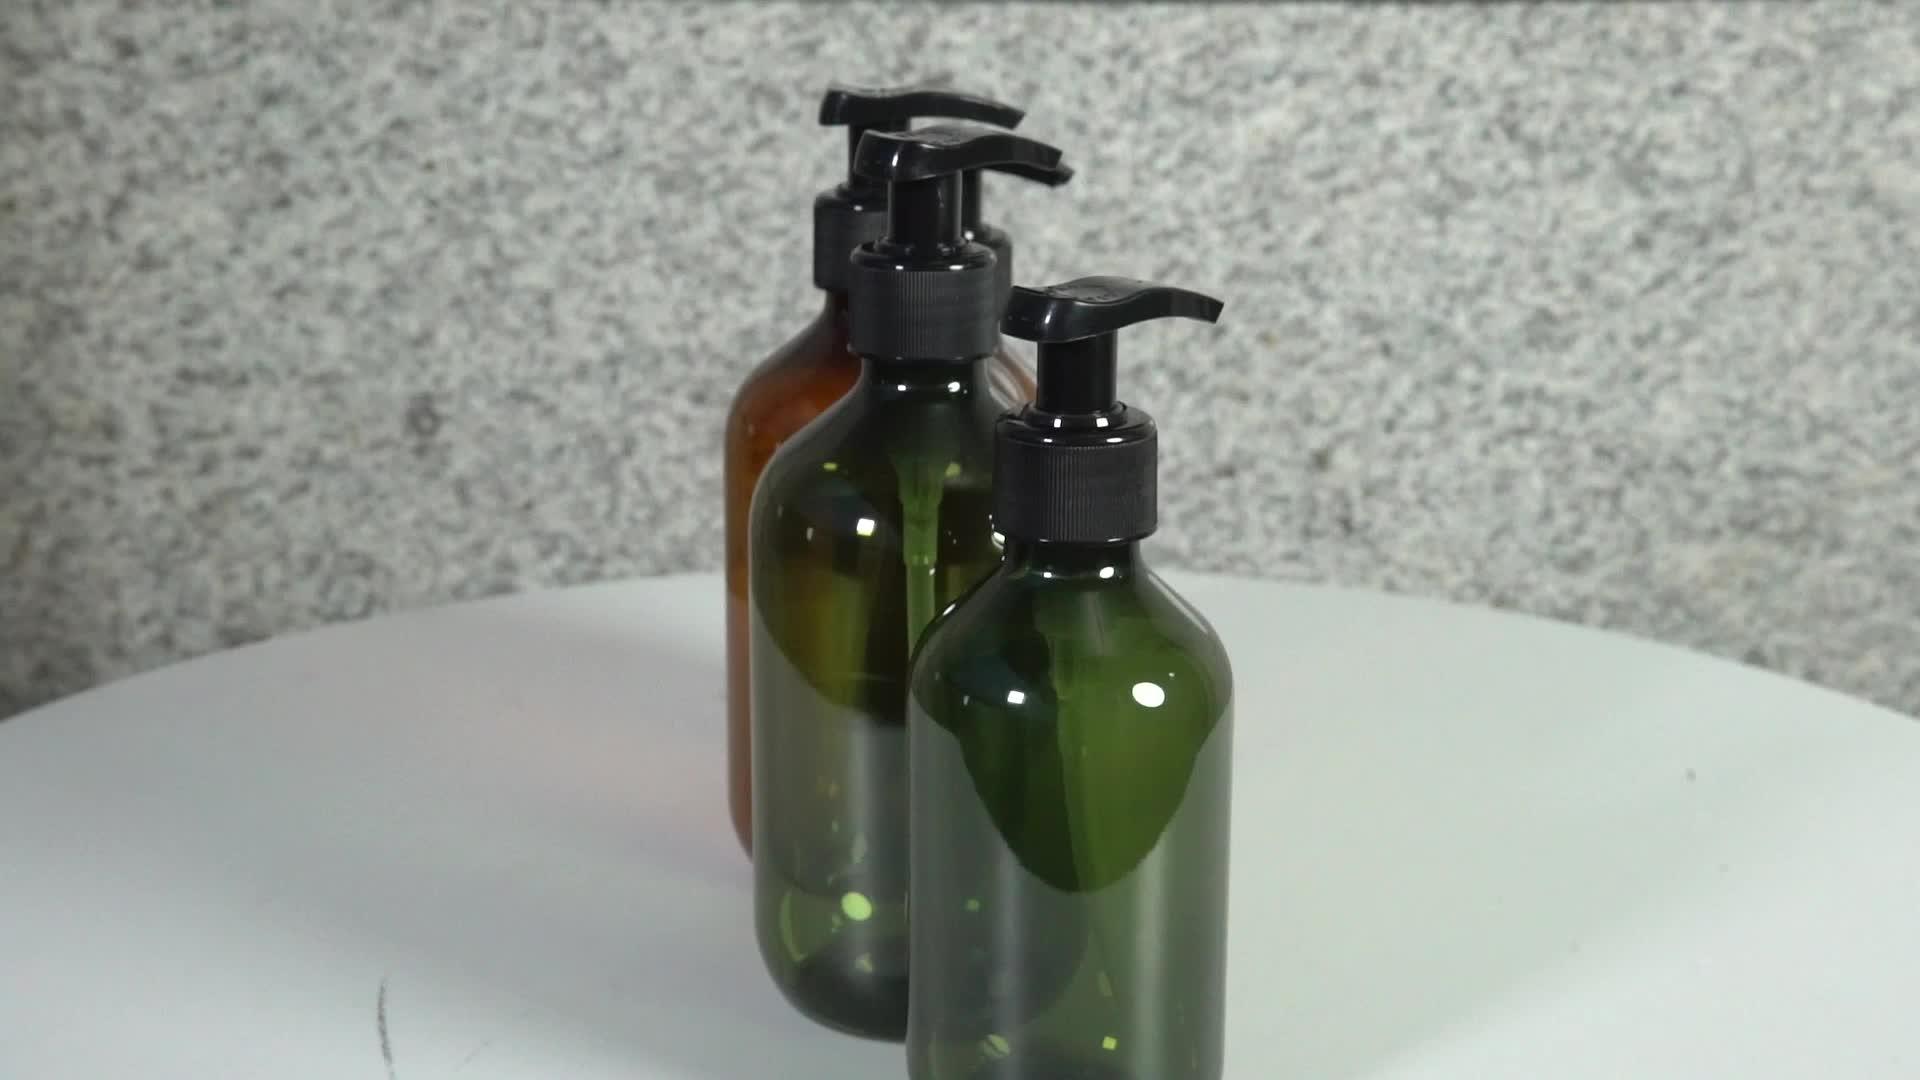 Alibaba Fornitore Superiore vuota smerigliato pompa pet shampoo per capelli di plastica bottiglia di sapone liquido